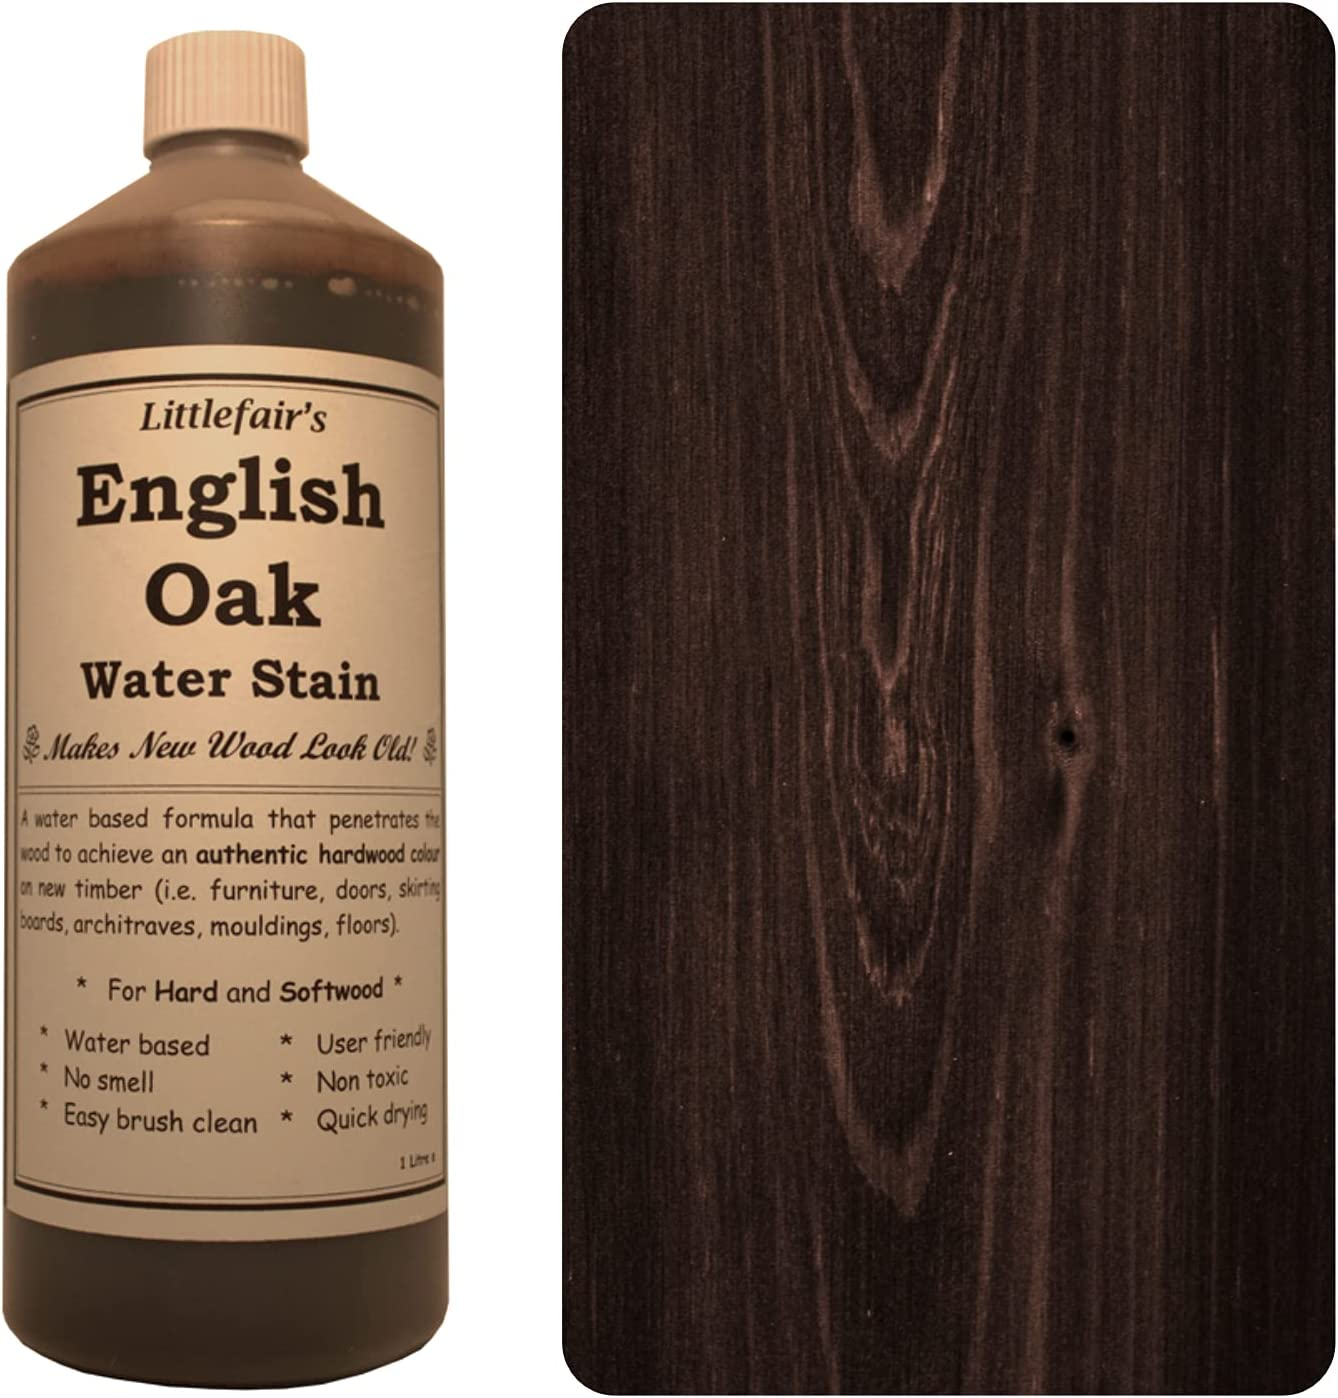 Tinte para madera a base de agua de Littlefair's, respetuoso con el medio ambiente, roble inglés, 500 ml